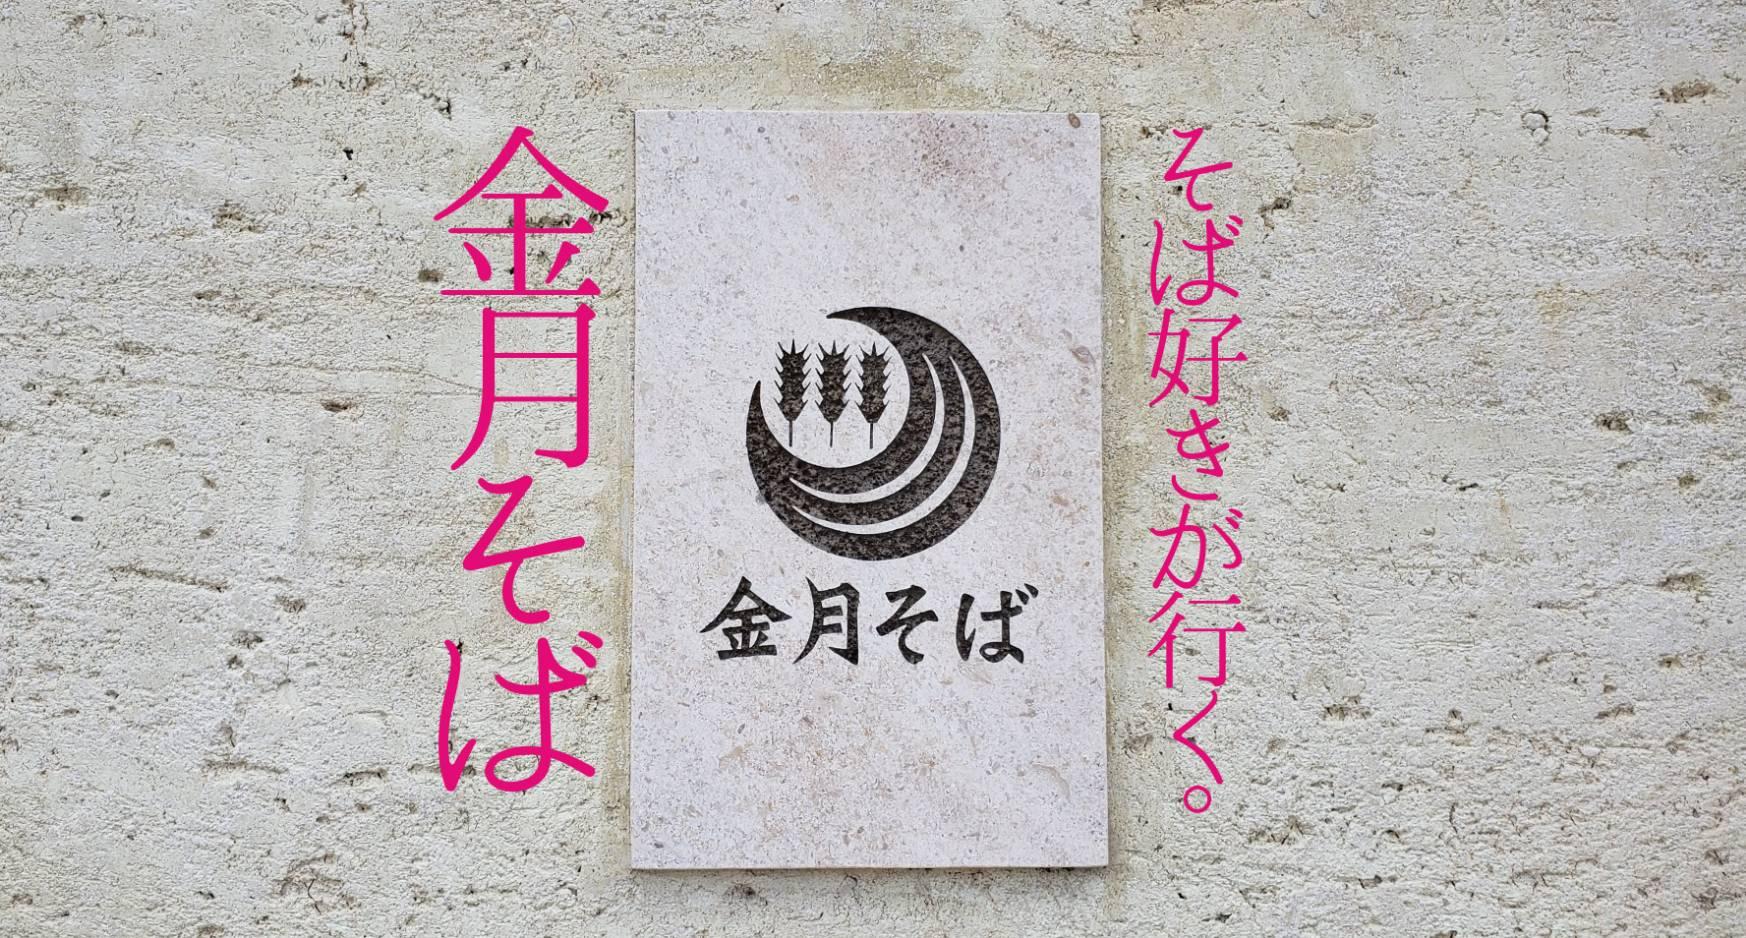 ★沖縄そば屋さんをご紹介第参弾:もっちもちの麺を味わえます!